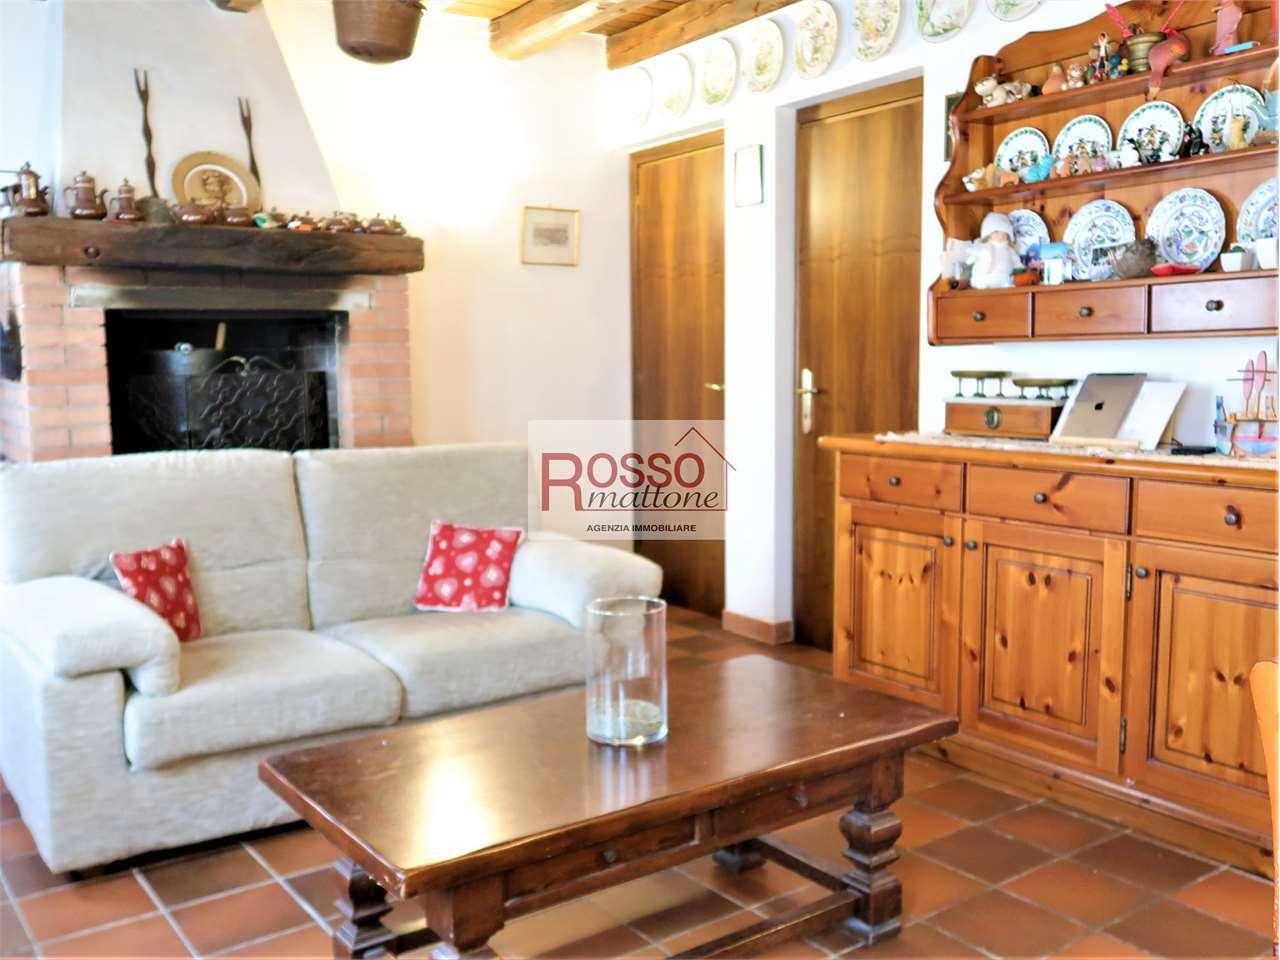 Appartamento in vendita a Cison di Valmarino, 9999 locali, prezzo € 180.000 | PortaleAgenzieImmobiliari.it